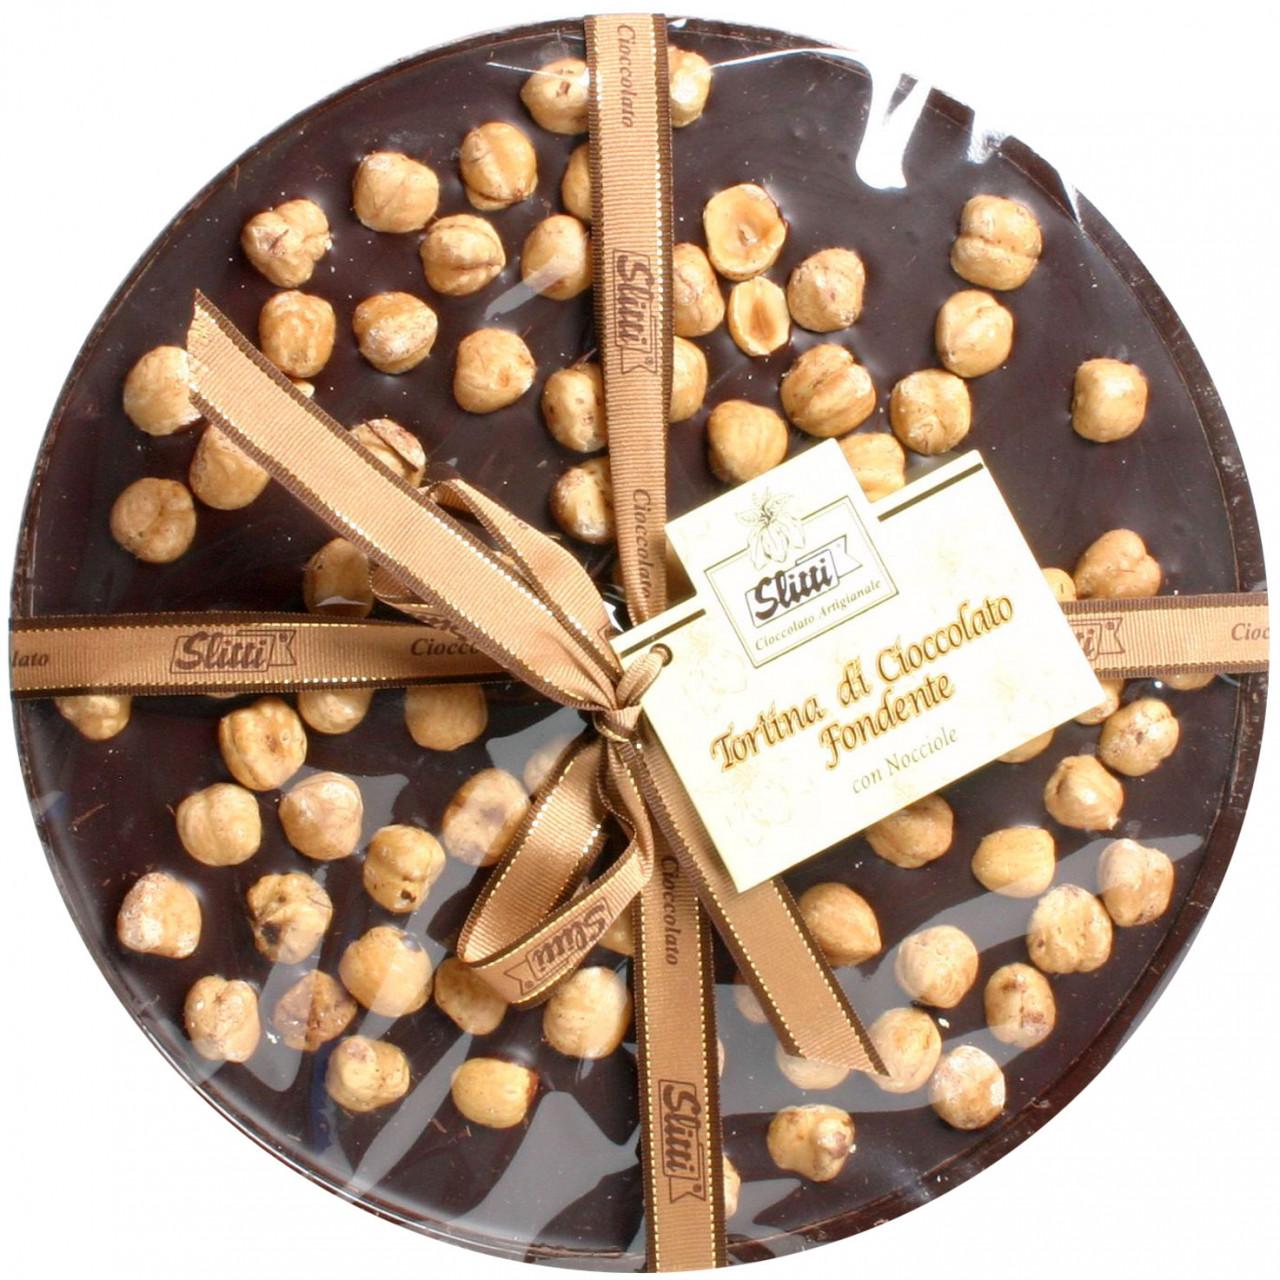 Runde Tafelschokolade, 60%, im XL Format, mit ganzen Haselnüssen, aus dem Piemont, Slitti, Italienische Schokolade